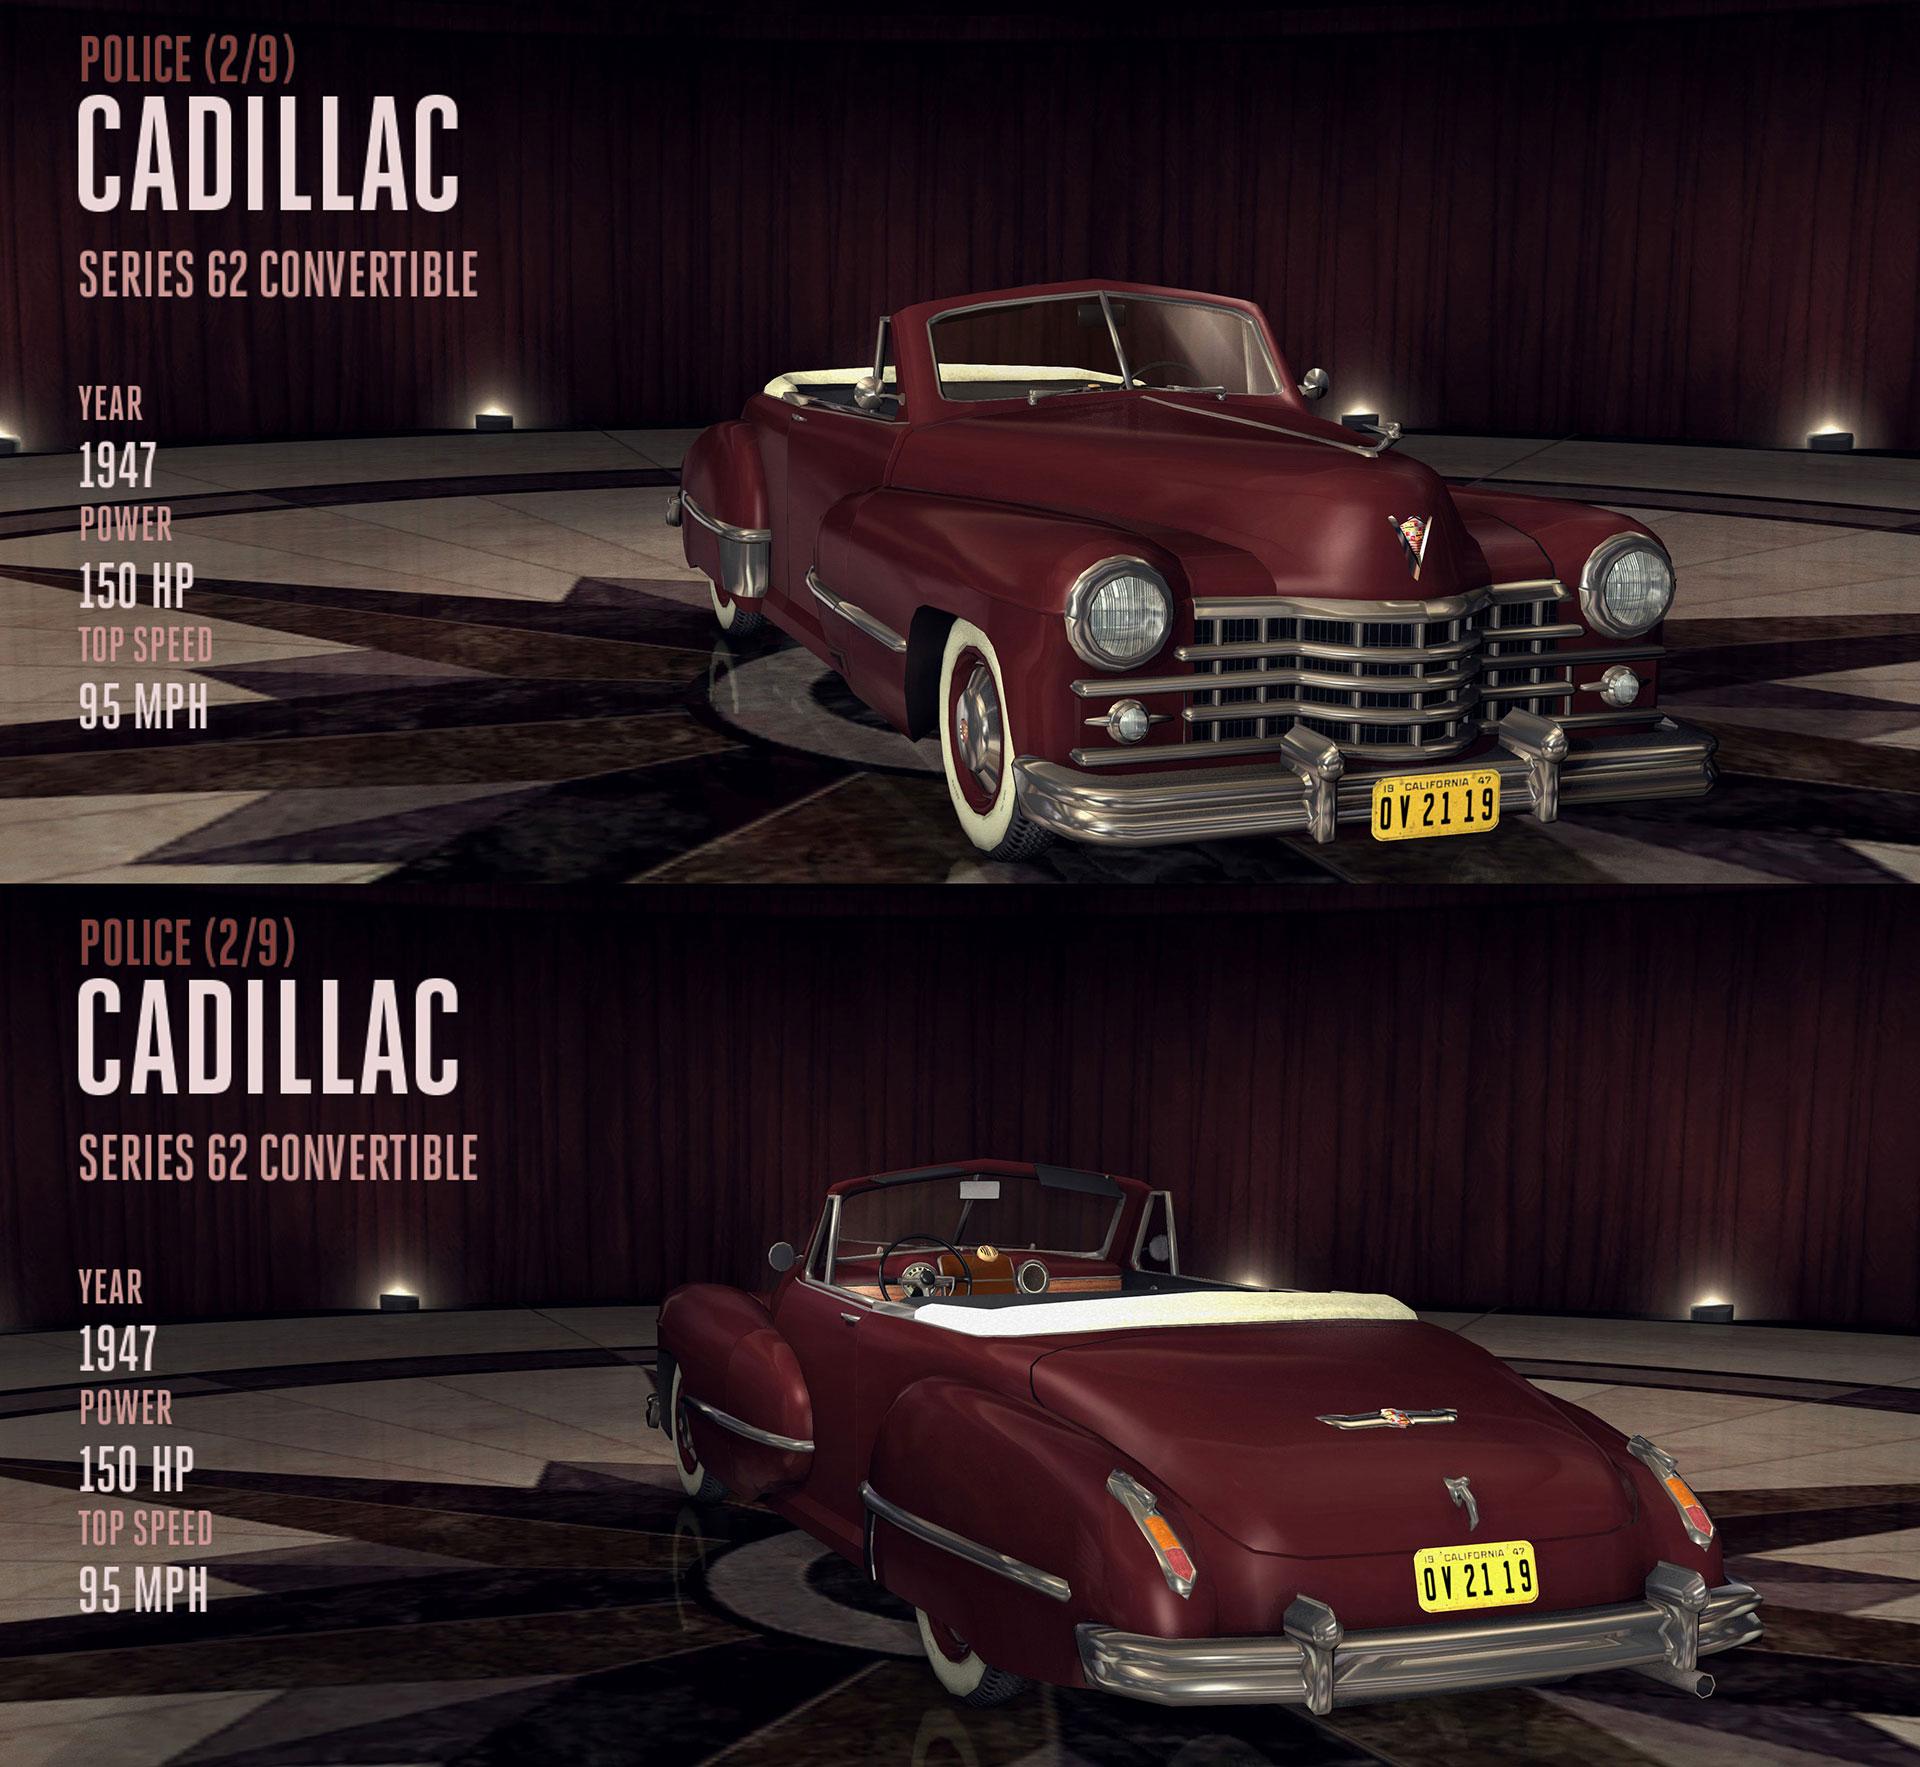 File:1947-cadillac-series-62-convertible.jpg